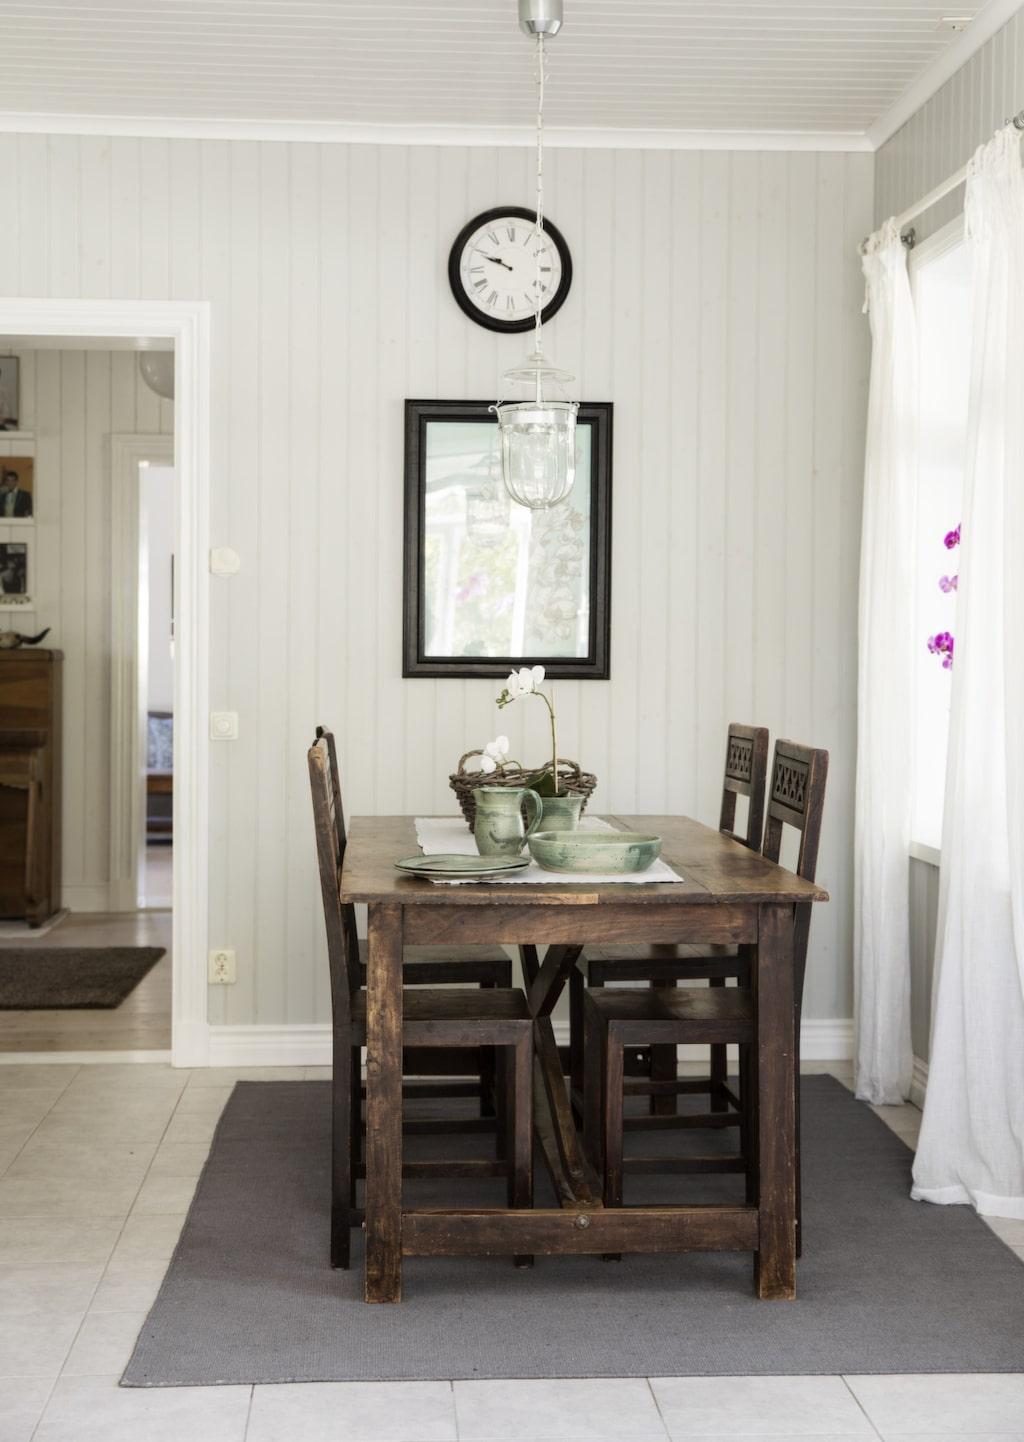 Matrumsmöbeln kommer från Indiska. Mirjam gillar en vit bas blandat med blå detaljer och mörkt trä, vilket kan ses i hela huset.